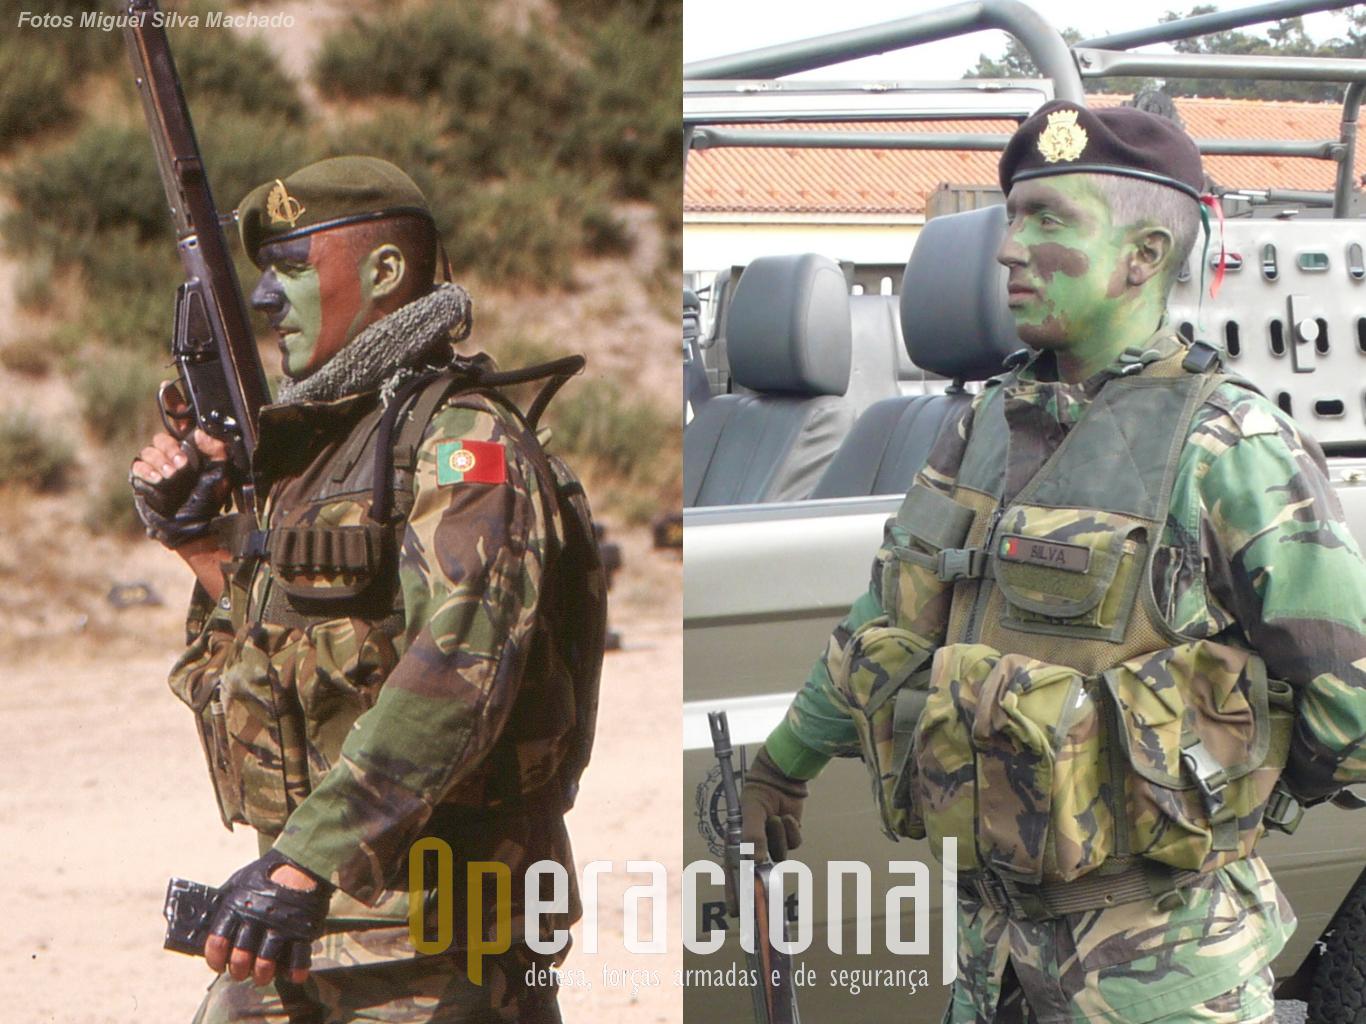 Coletes concebidos pela Milícia em parceria com as Operações Especiais do Exército Português. Actualmente algumas outras unidades também o utilizam.